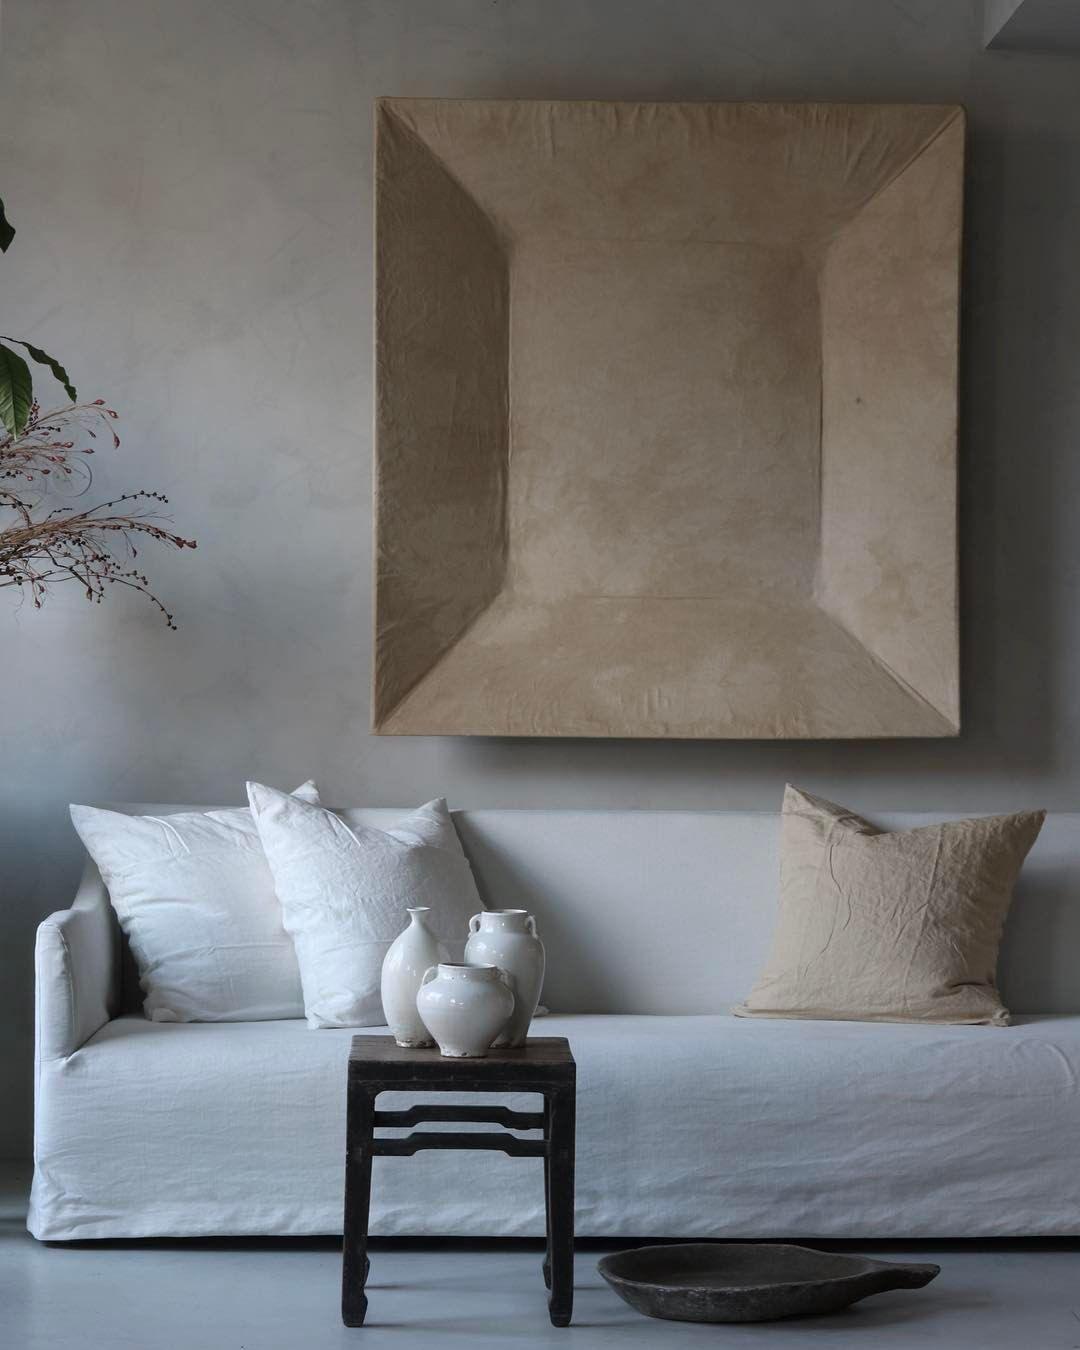 Wohndesign innenraum pin von manfred butz auf wohndesign  pinterest  wohnideen